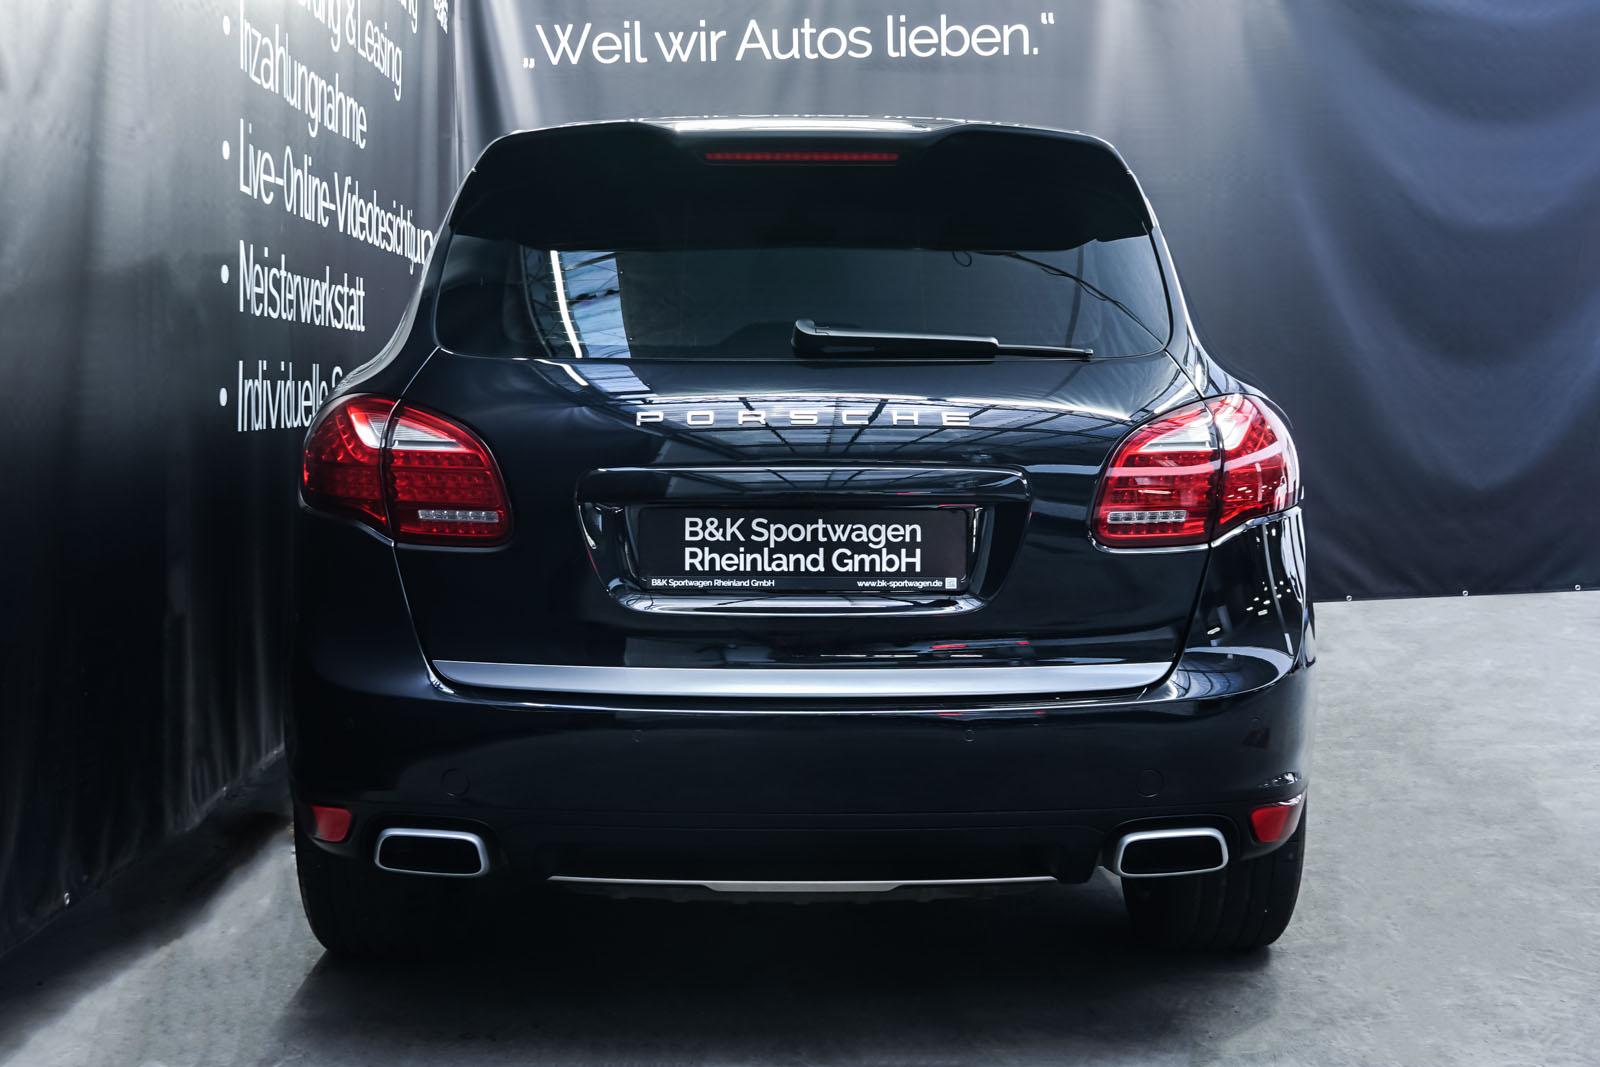 Porsche_CayenneS_Schwarz_Schwarz_POR-2086_14_w